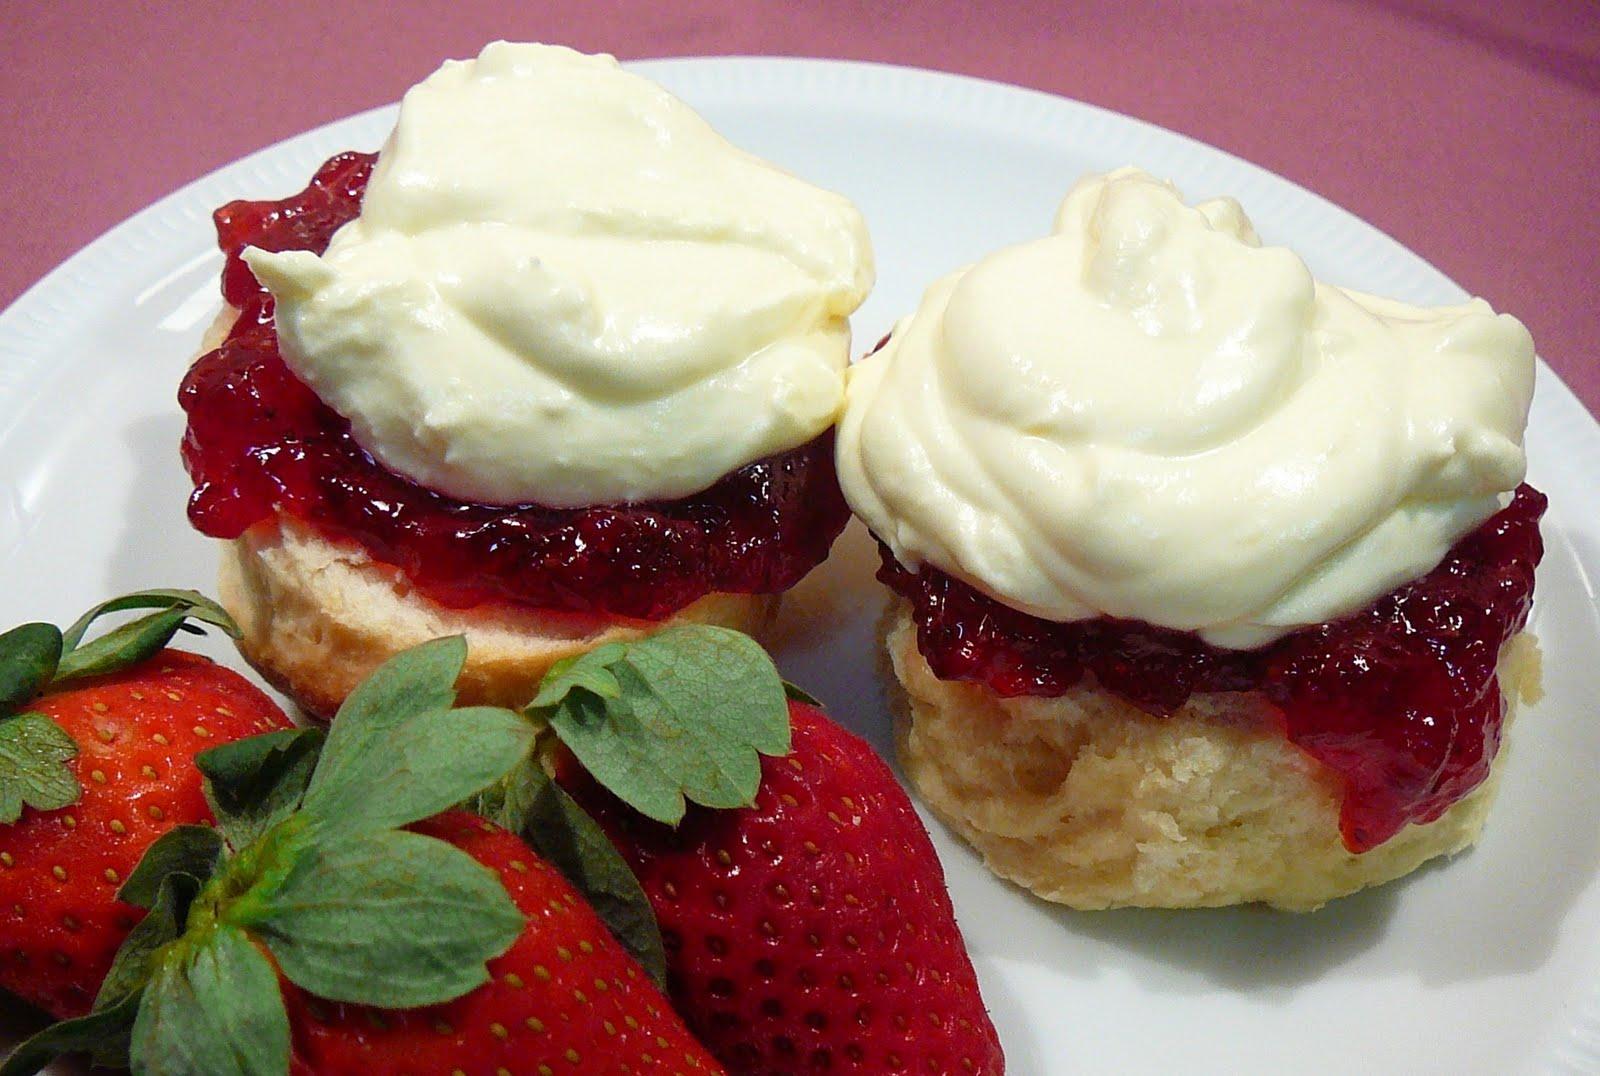 Marcellina in Cucina: Scones, Jam and Cream